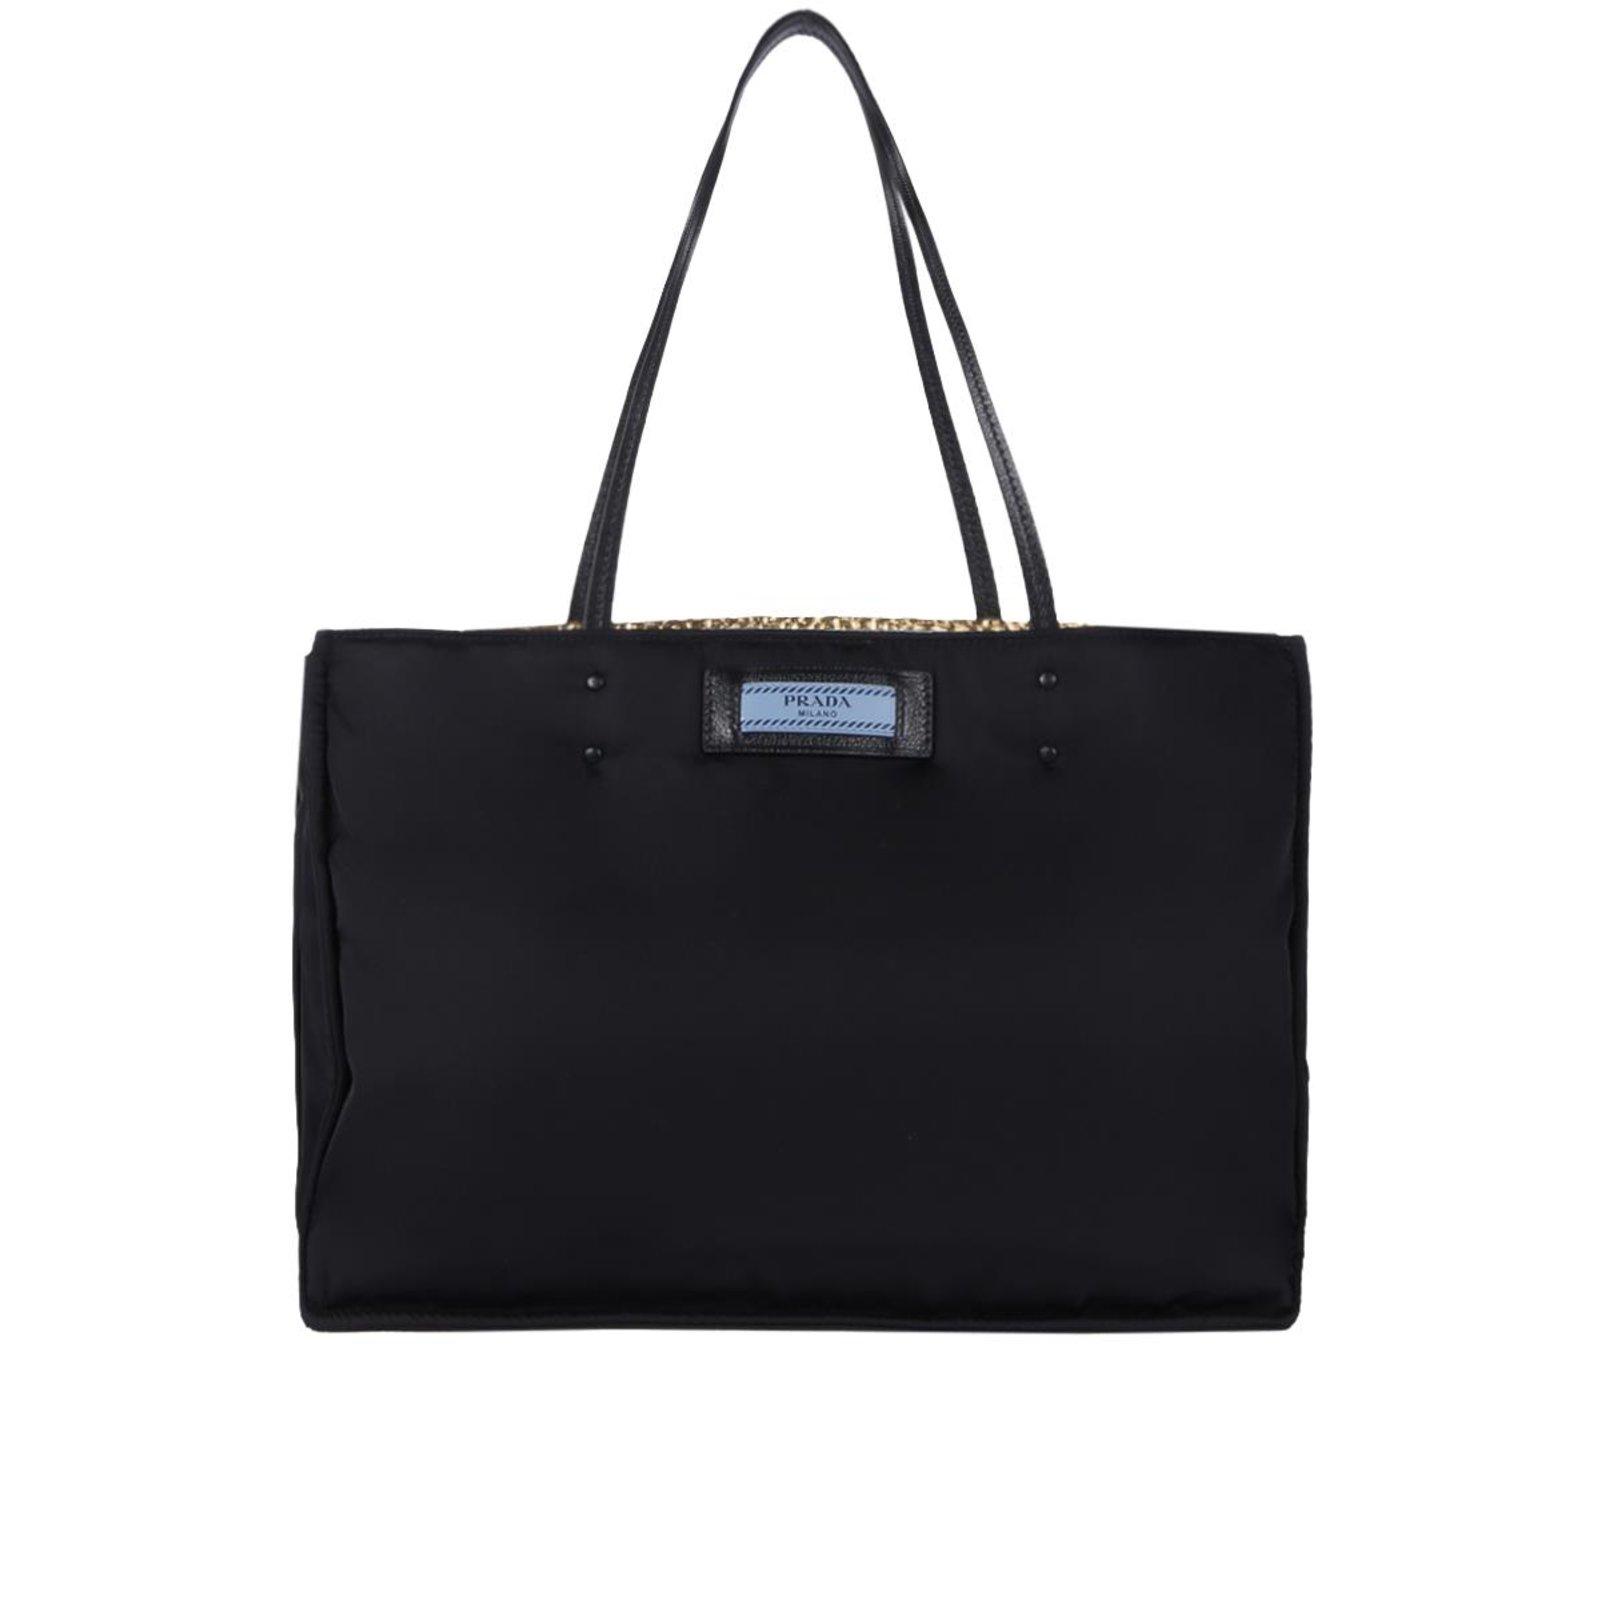 5c617da154c05 Prada Handbags Nylon Tote - HandBags 2018